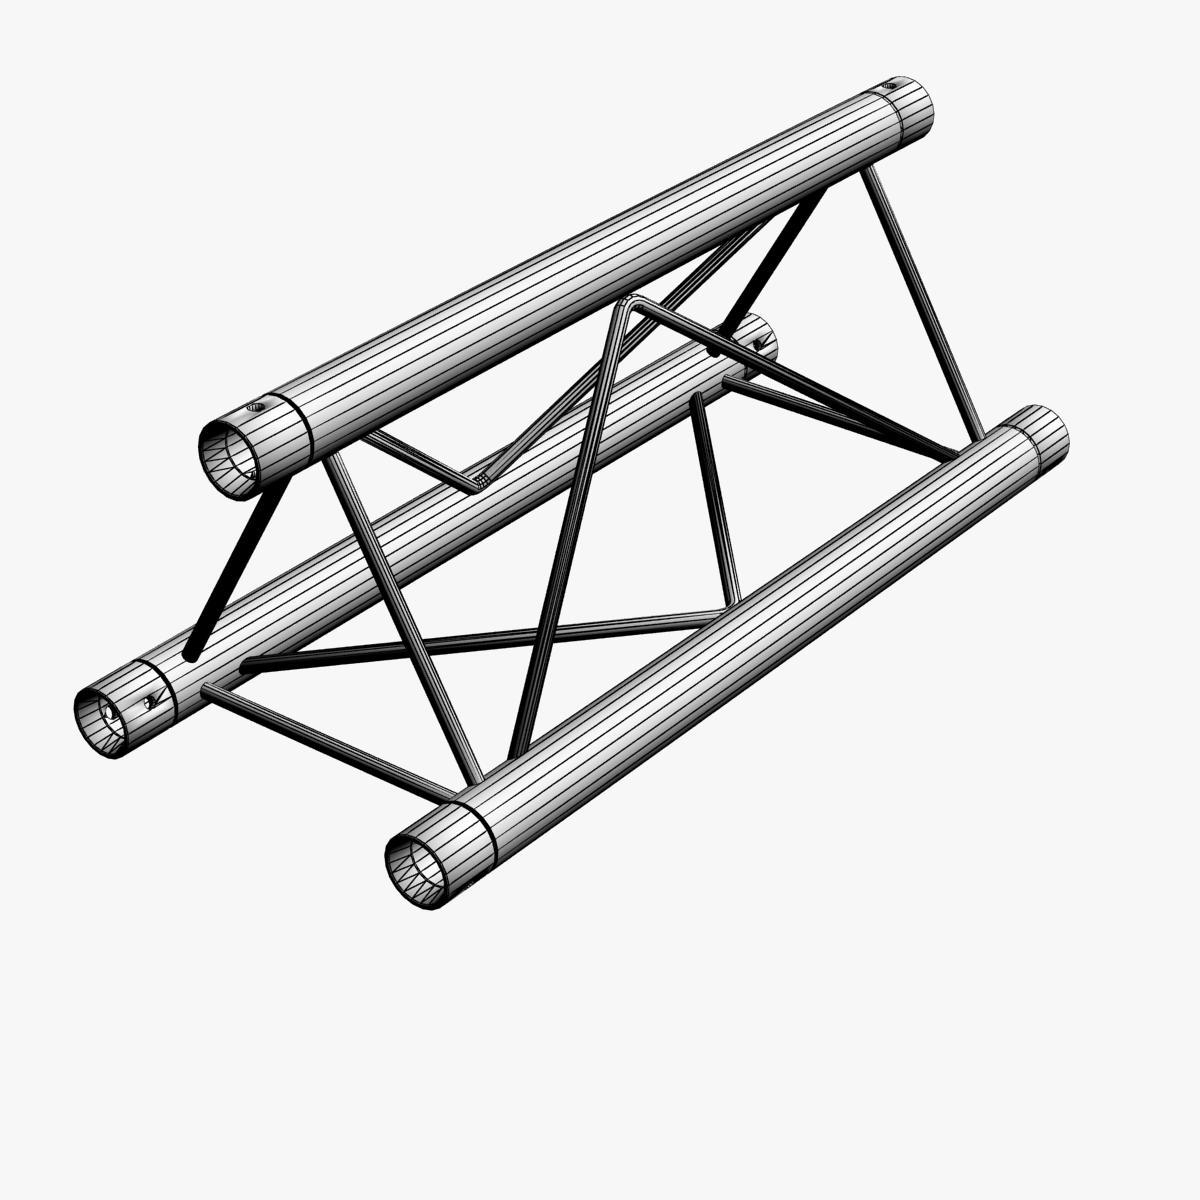 mini triangular truss straight segment 111 3d model 3ds max dxf fbx c4d  obj other 268876